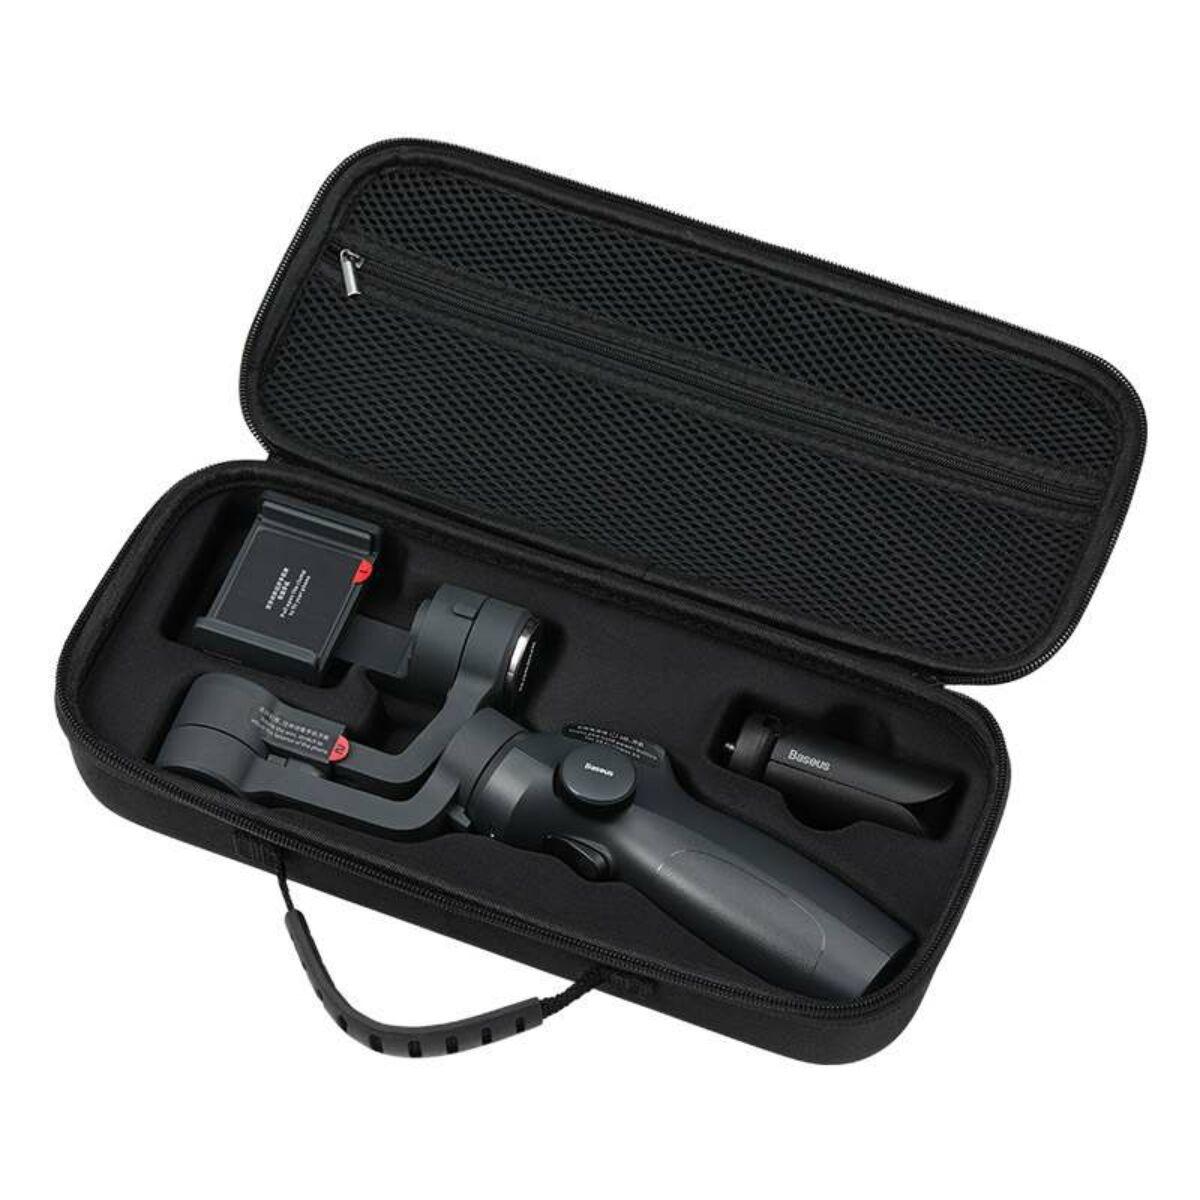 Baseus Video kiegészítő, Gimbal Control Handheld tároló és rendező tartó, fekete (SUYT-F01)